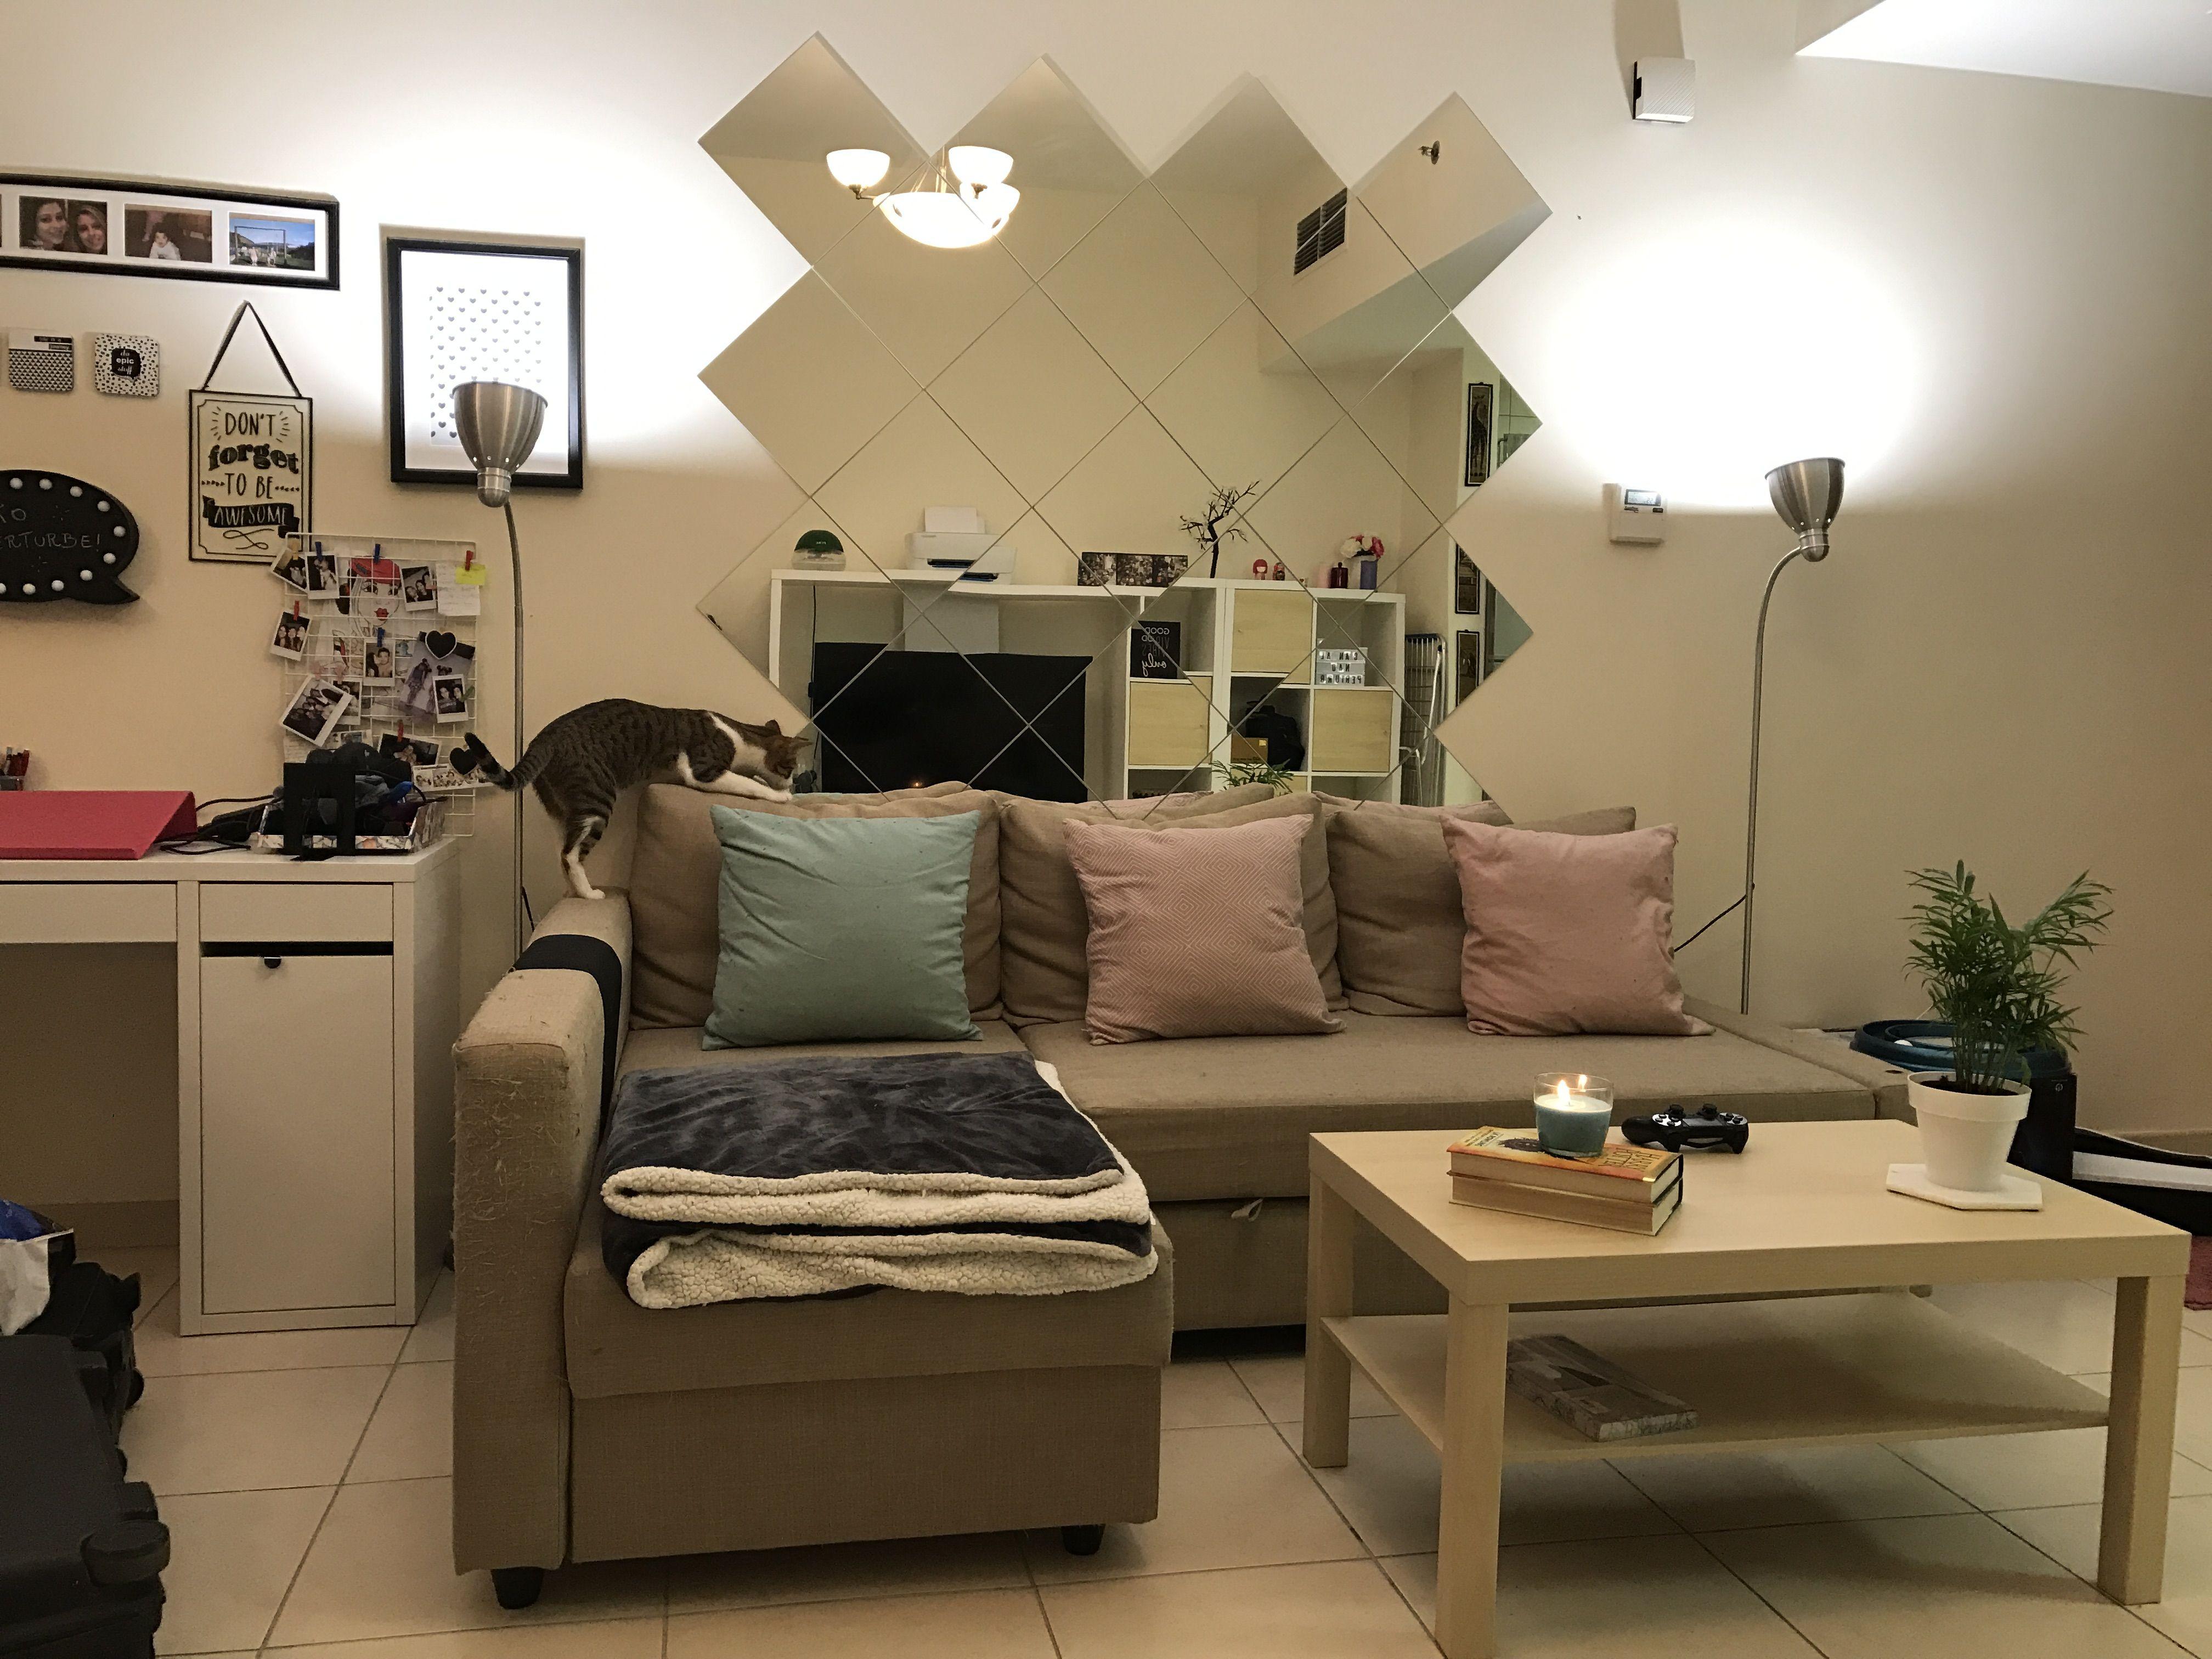 mirror wall with ikea lots ikea mirror living room on mirror wall id=71596